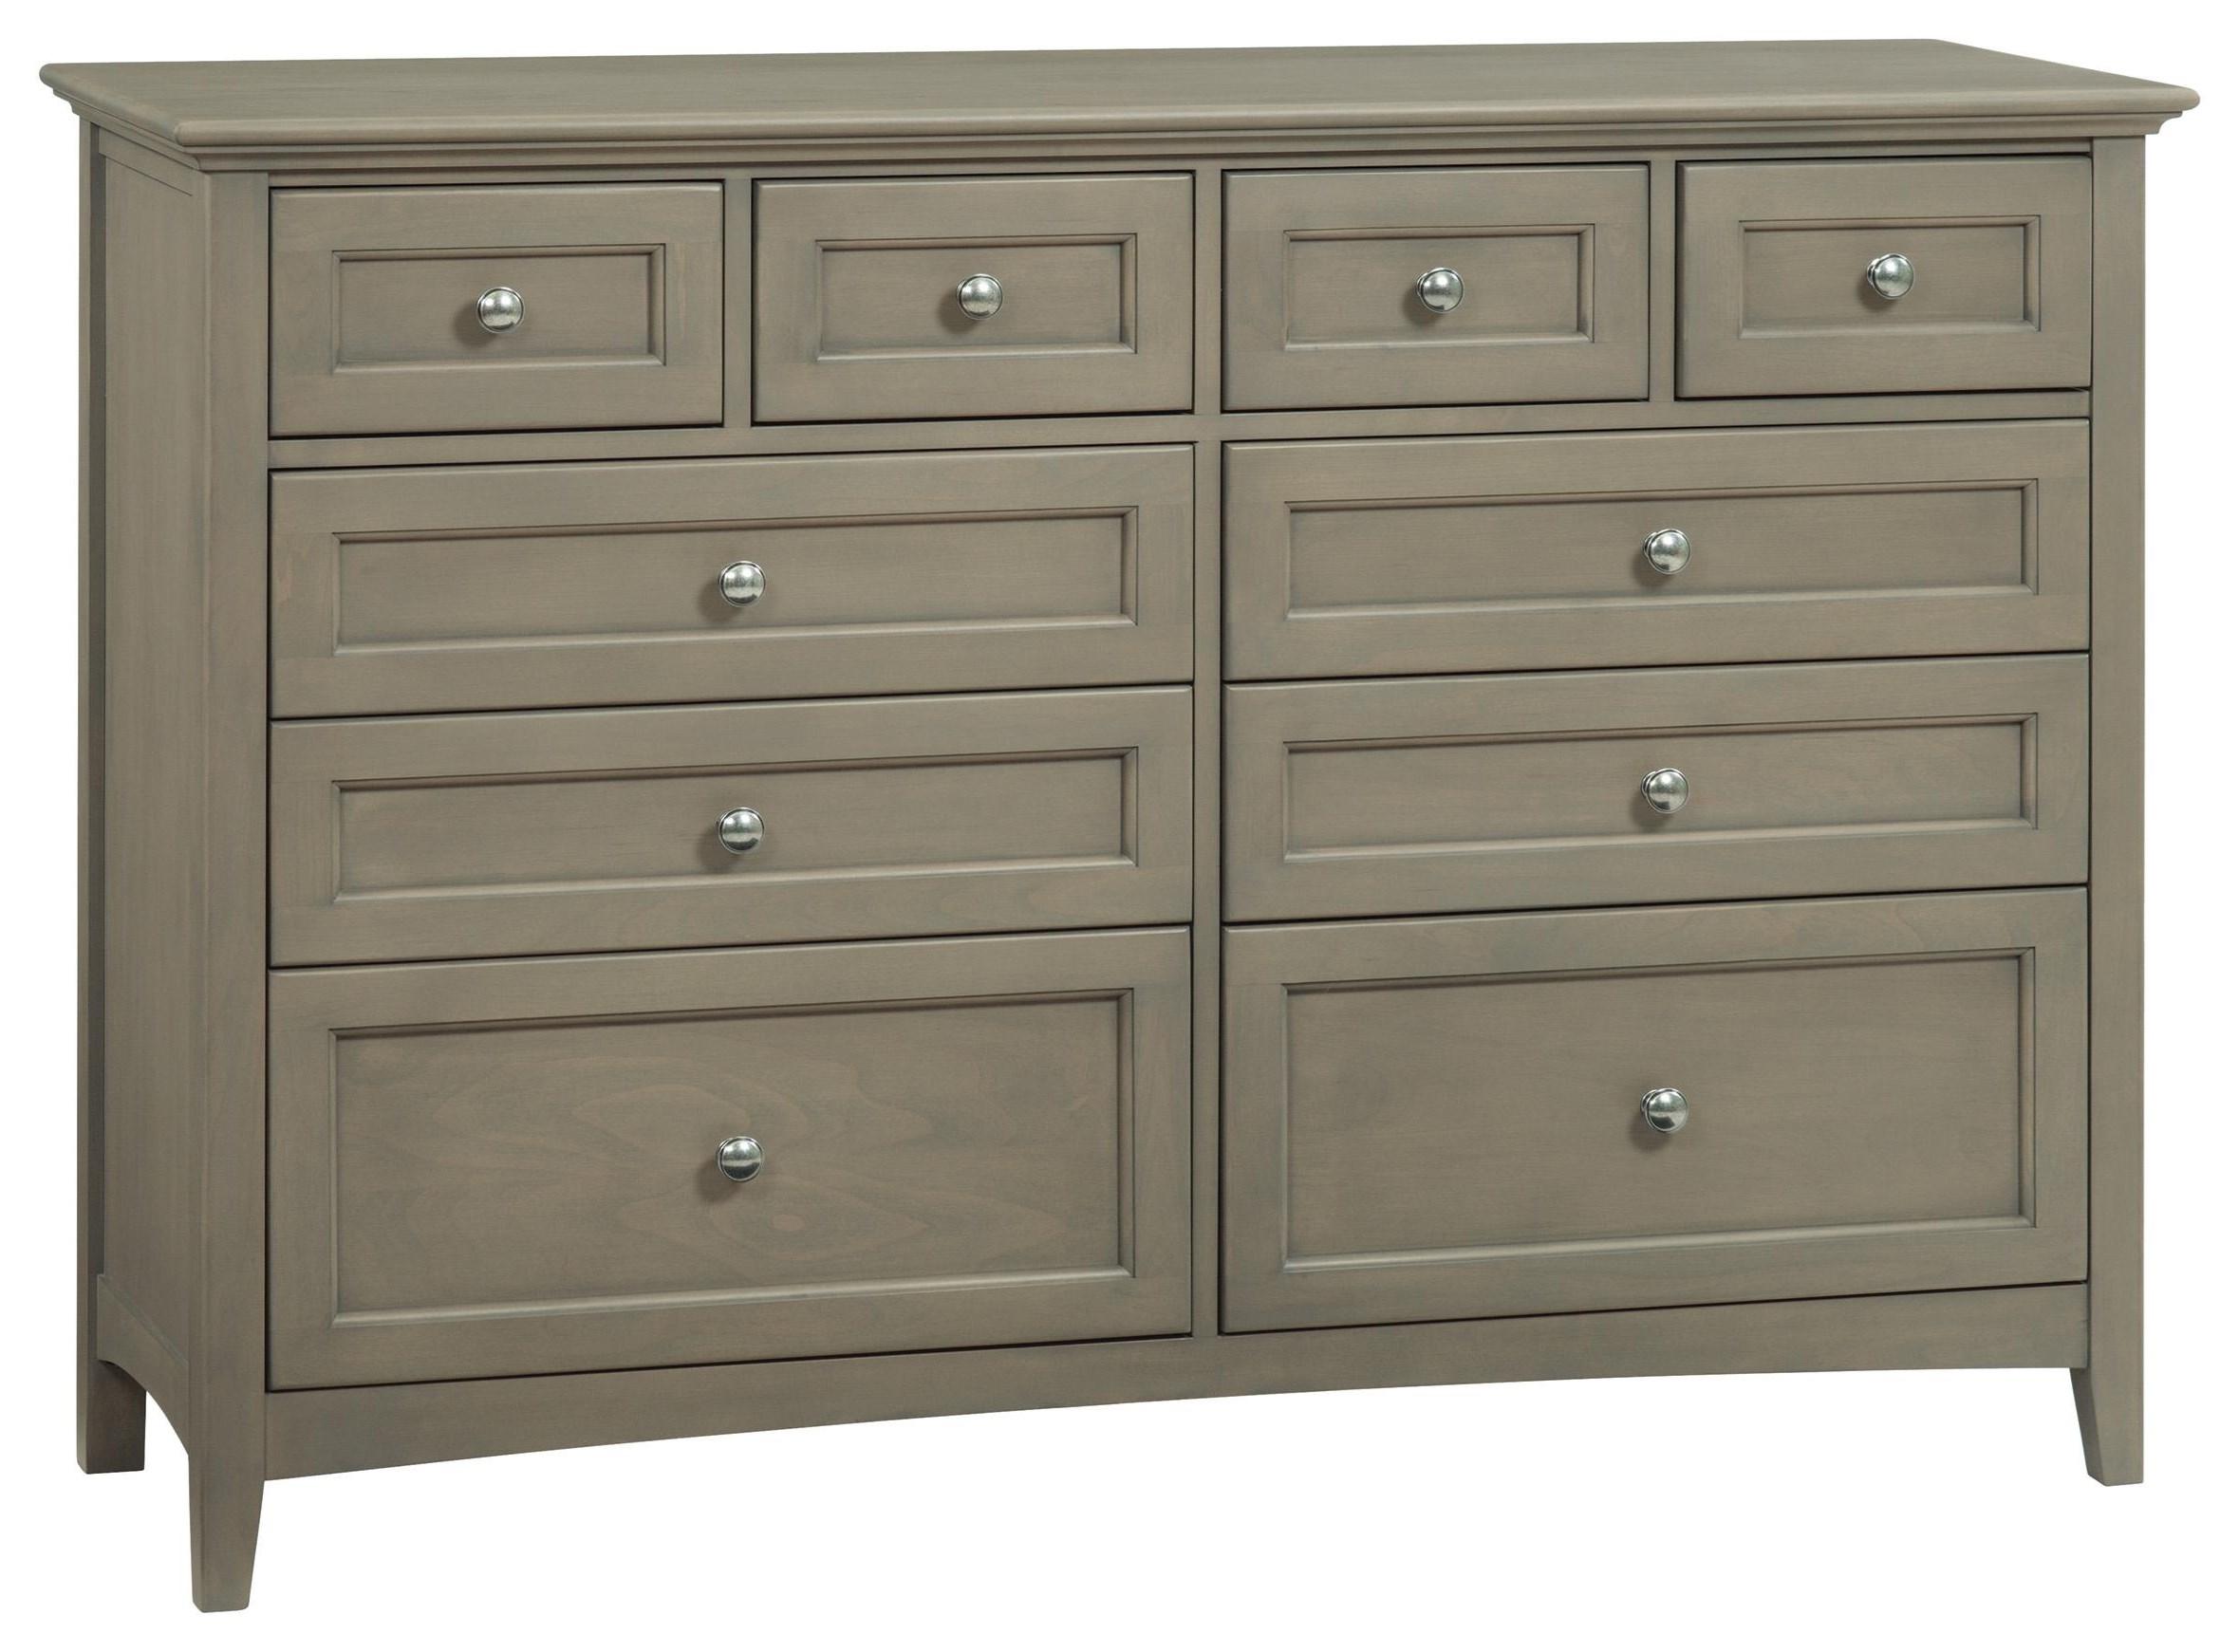 McKenzie Dresser by Whittier Wood at Crowley Furniture & Mattress